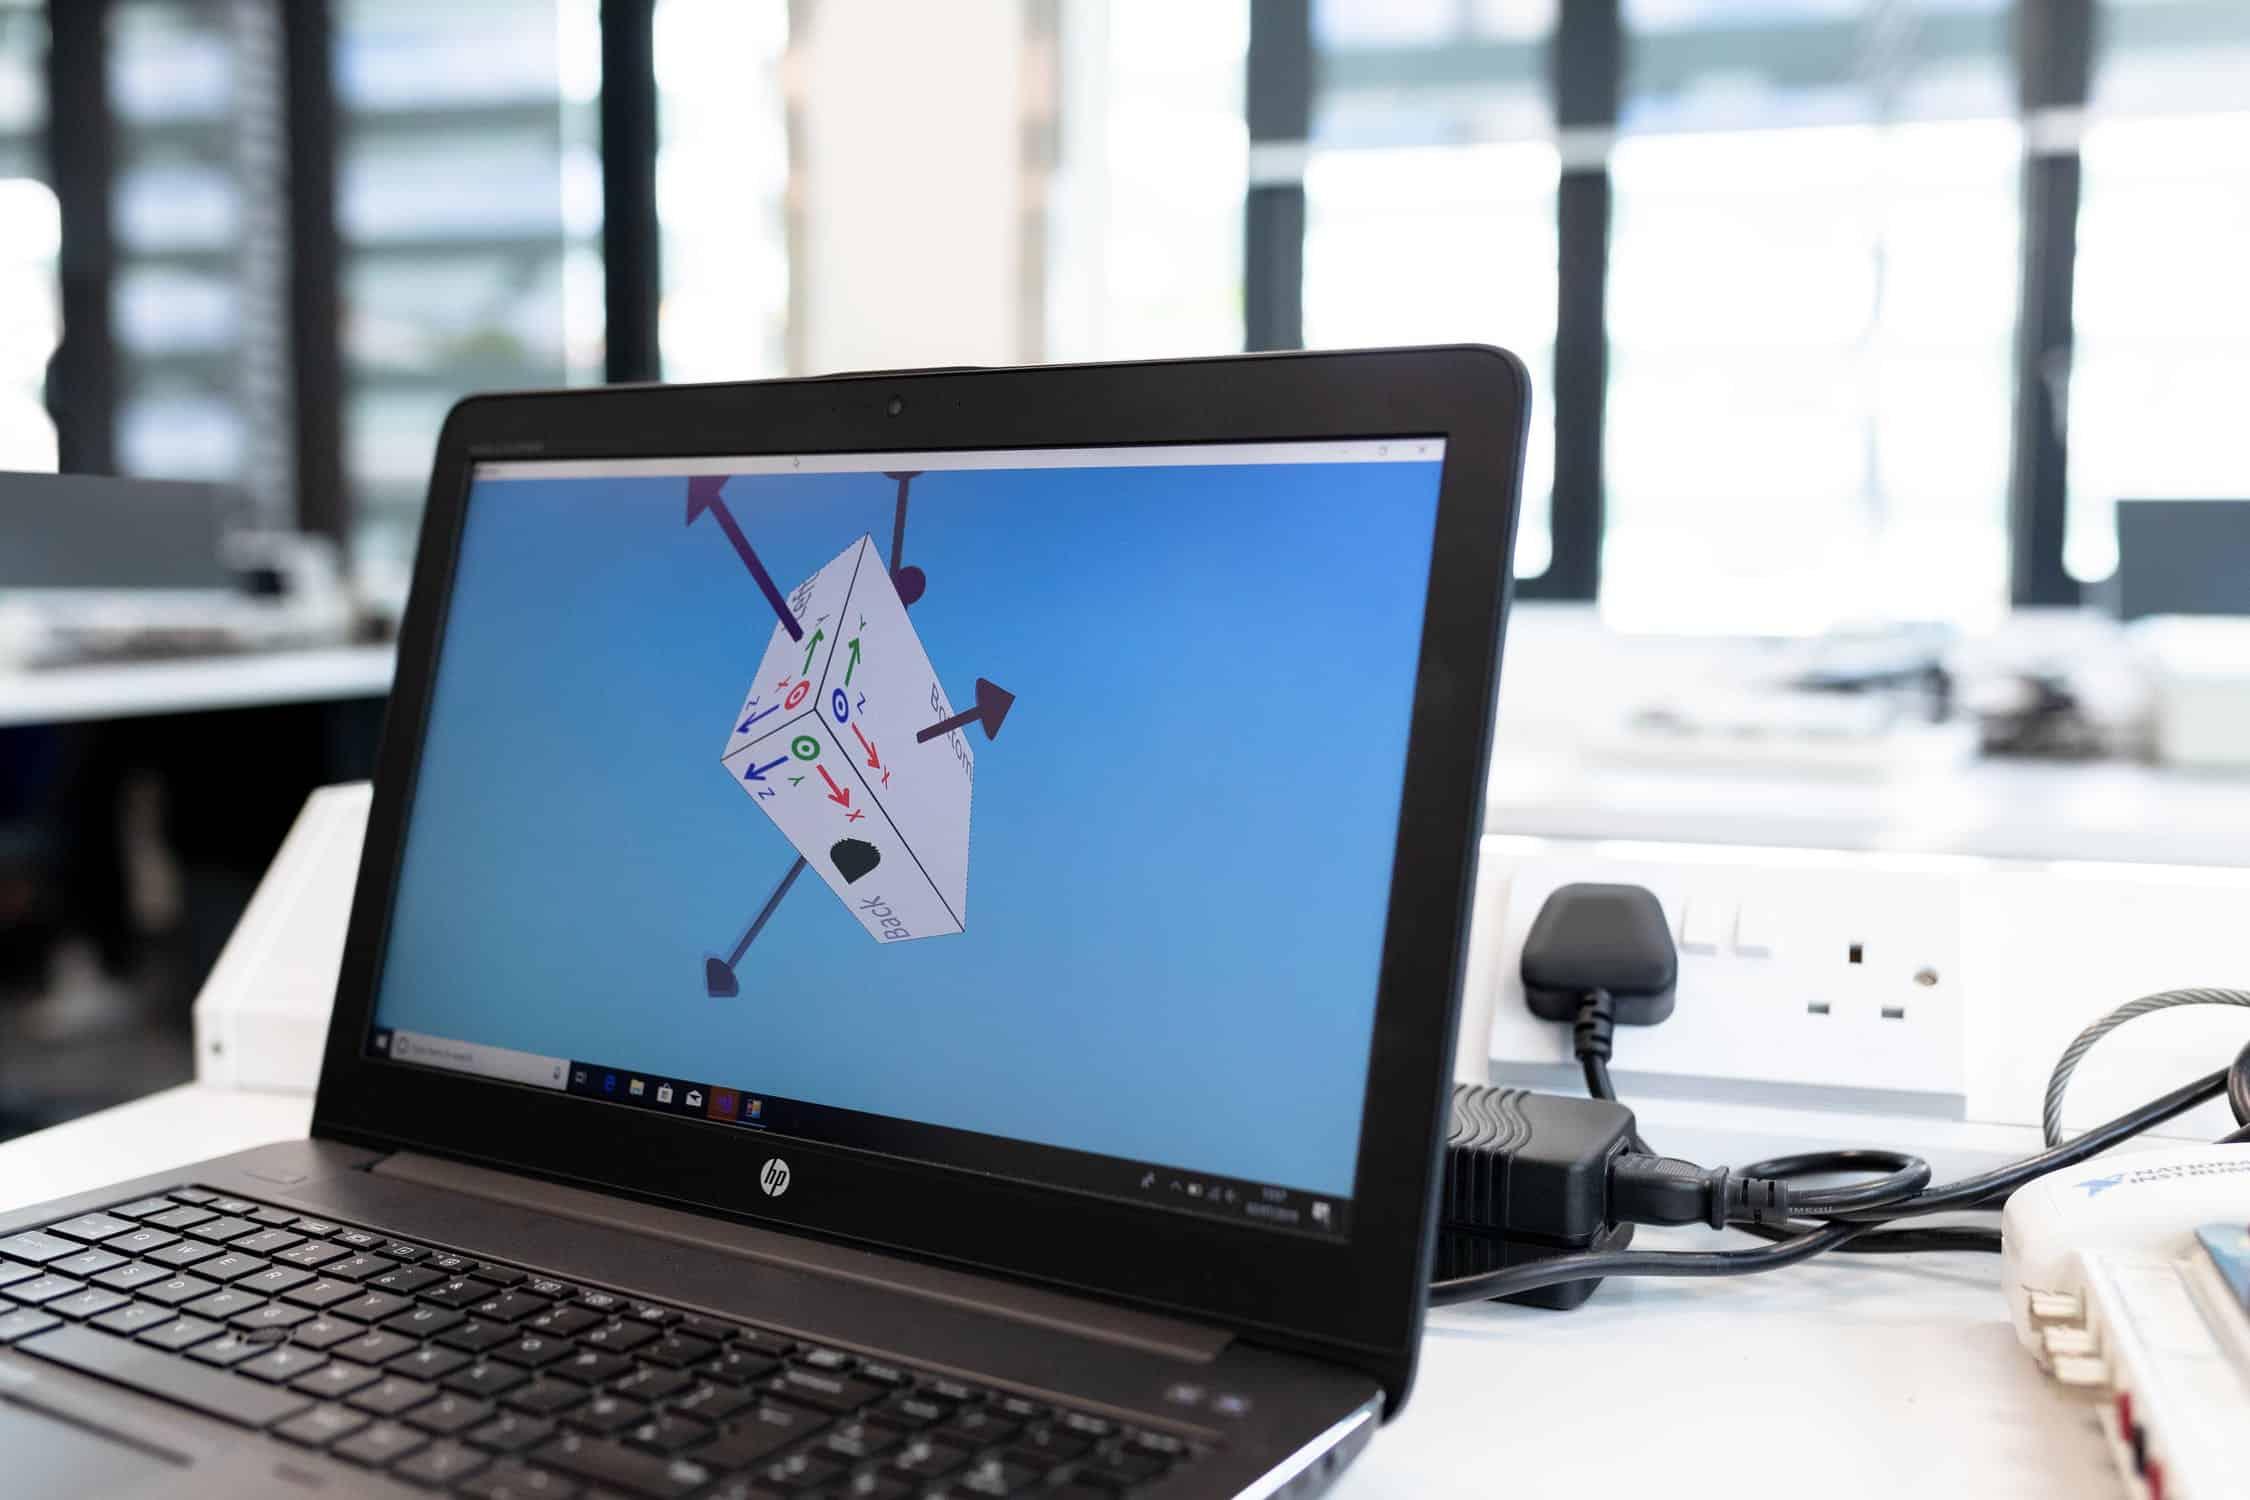 Impression 3D visière de protection hygiaphone les entreprises se mobilisent